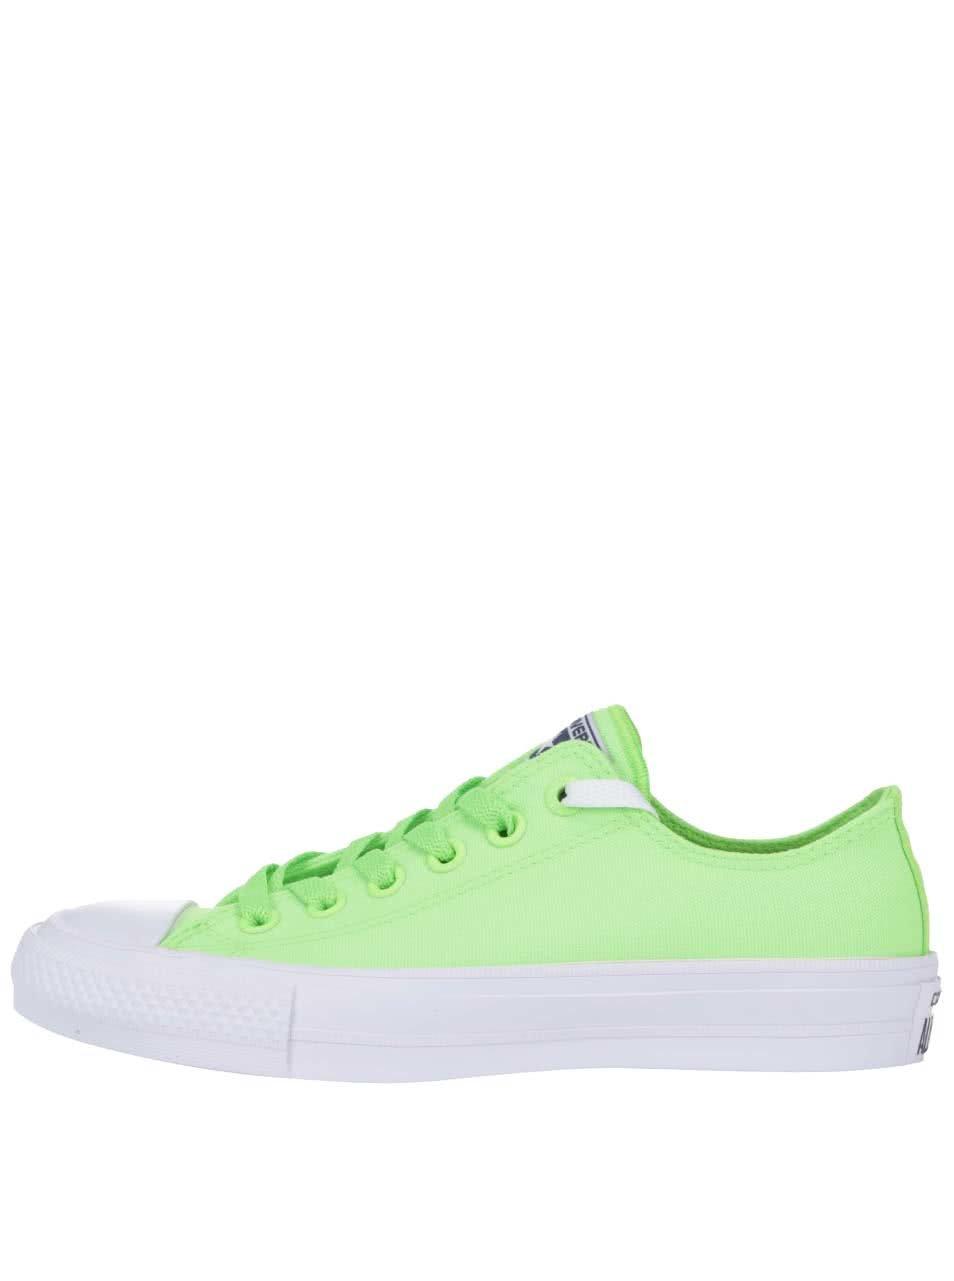 Neonově zelené dámské tenisky Converse Chuck Taylor All Star II